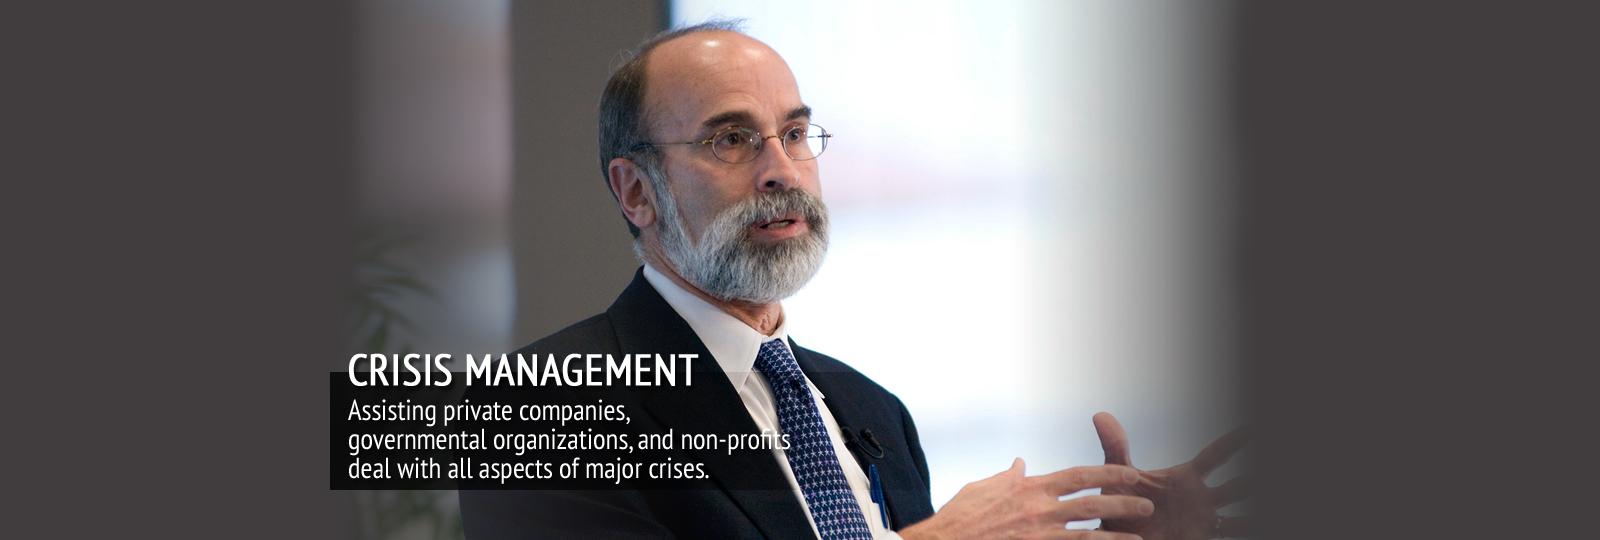 Slide 1 – Crisis Management